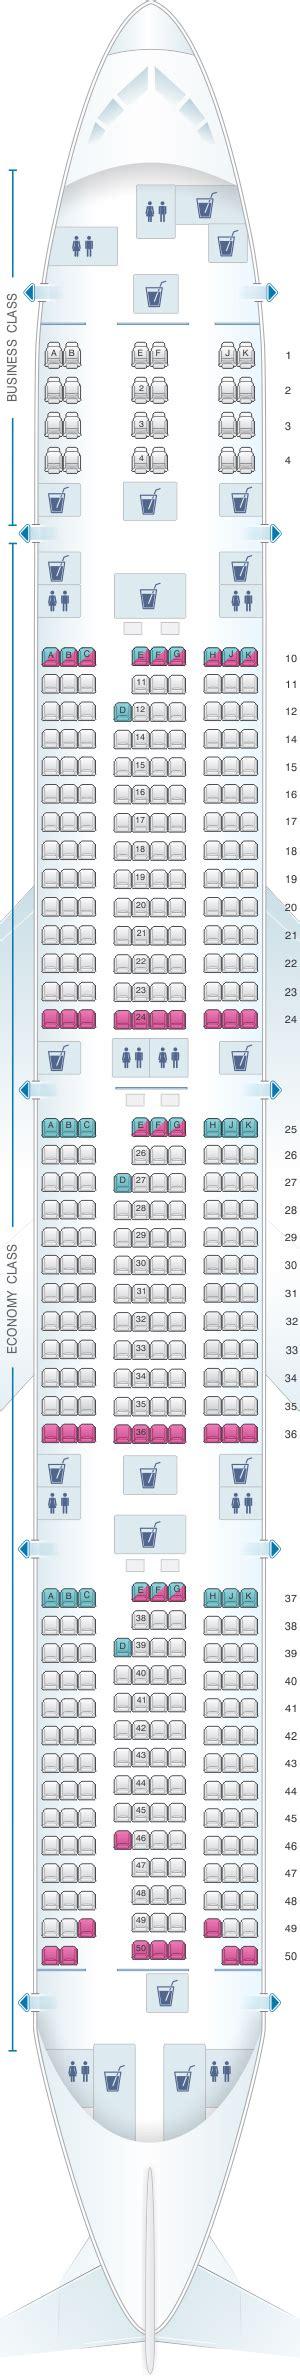 plan siege boeing 777 300er plan de cabine qatar airways boeing b777 300er 412pax